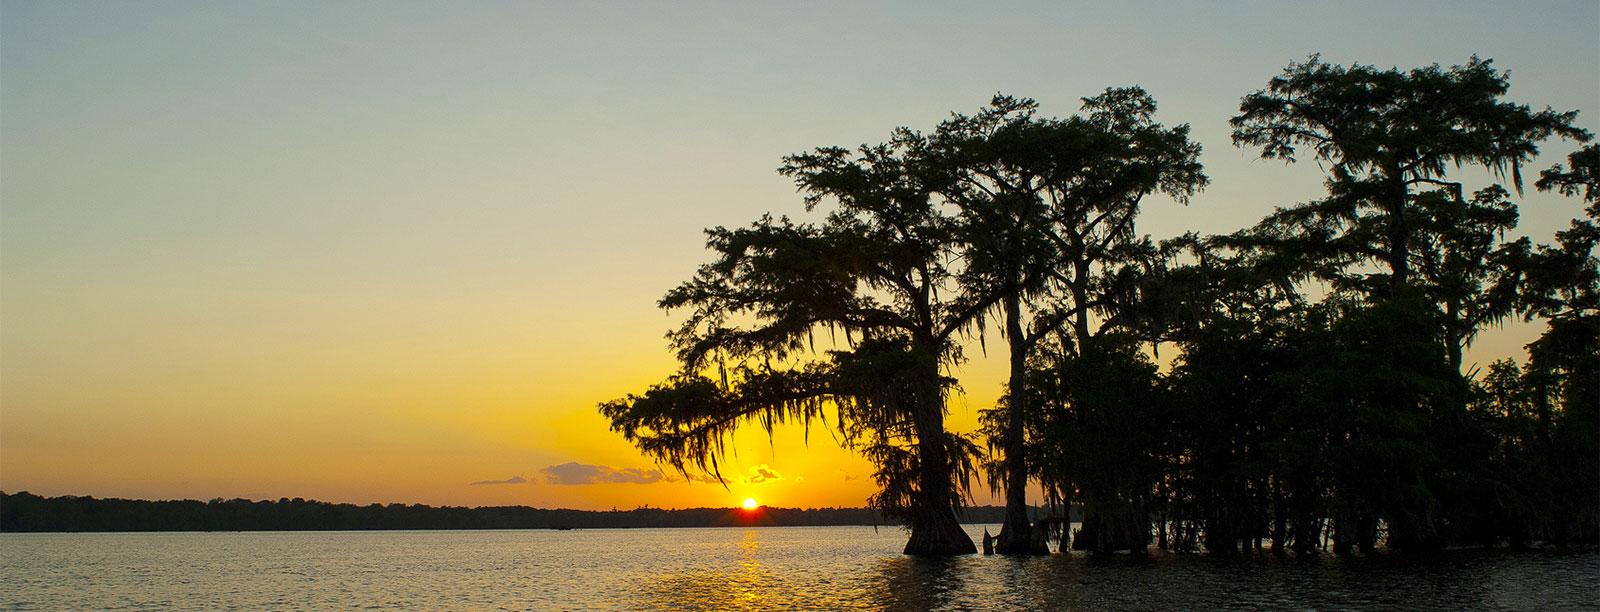 South Louisiana #4595